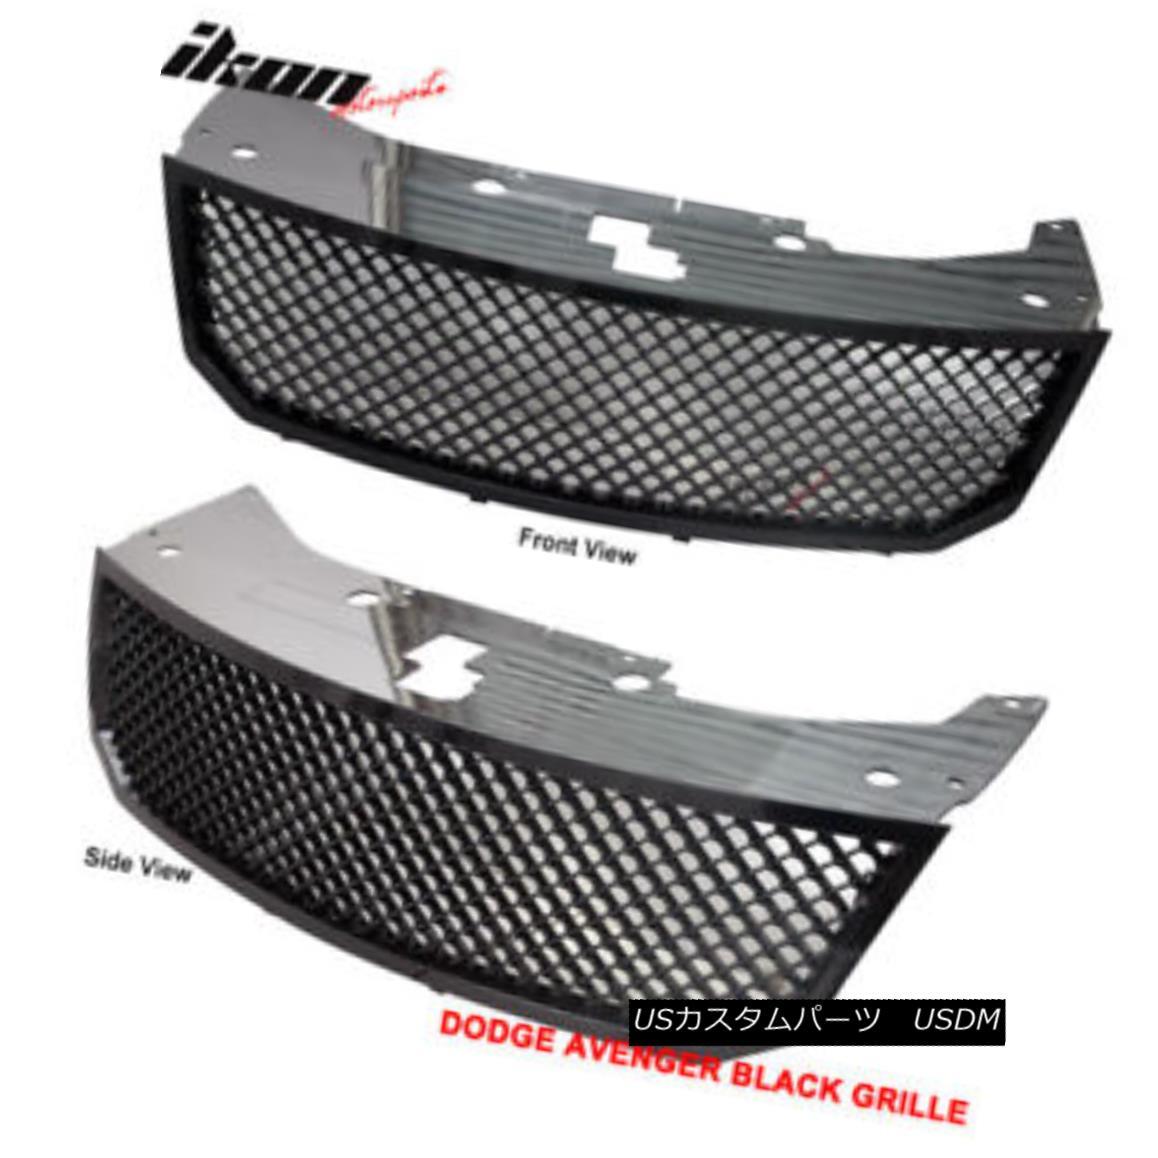 グリル Fits 08-11 Dodge Avenger 09-10 Chrysler Sebring Honeycomb Mesh Black Hood Grille フィット08-11ドッジアベンジャー09-10クライスラーセブリングハニカムメッシュブラックフードグリル